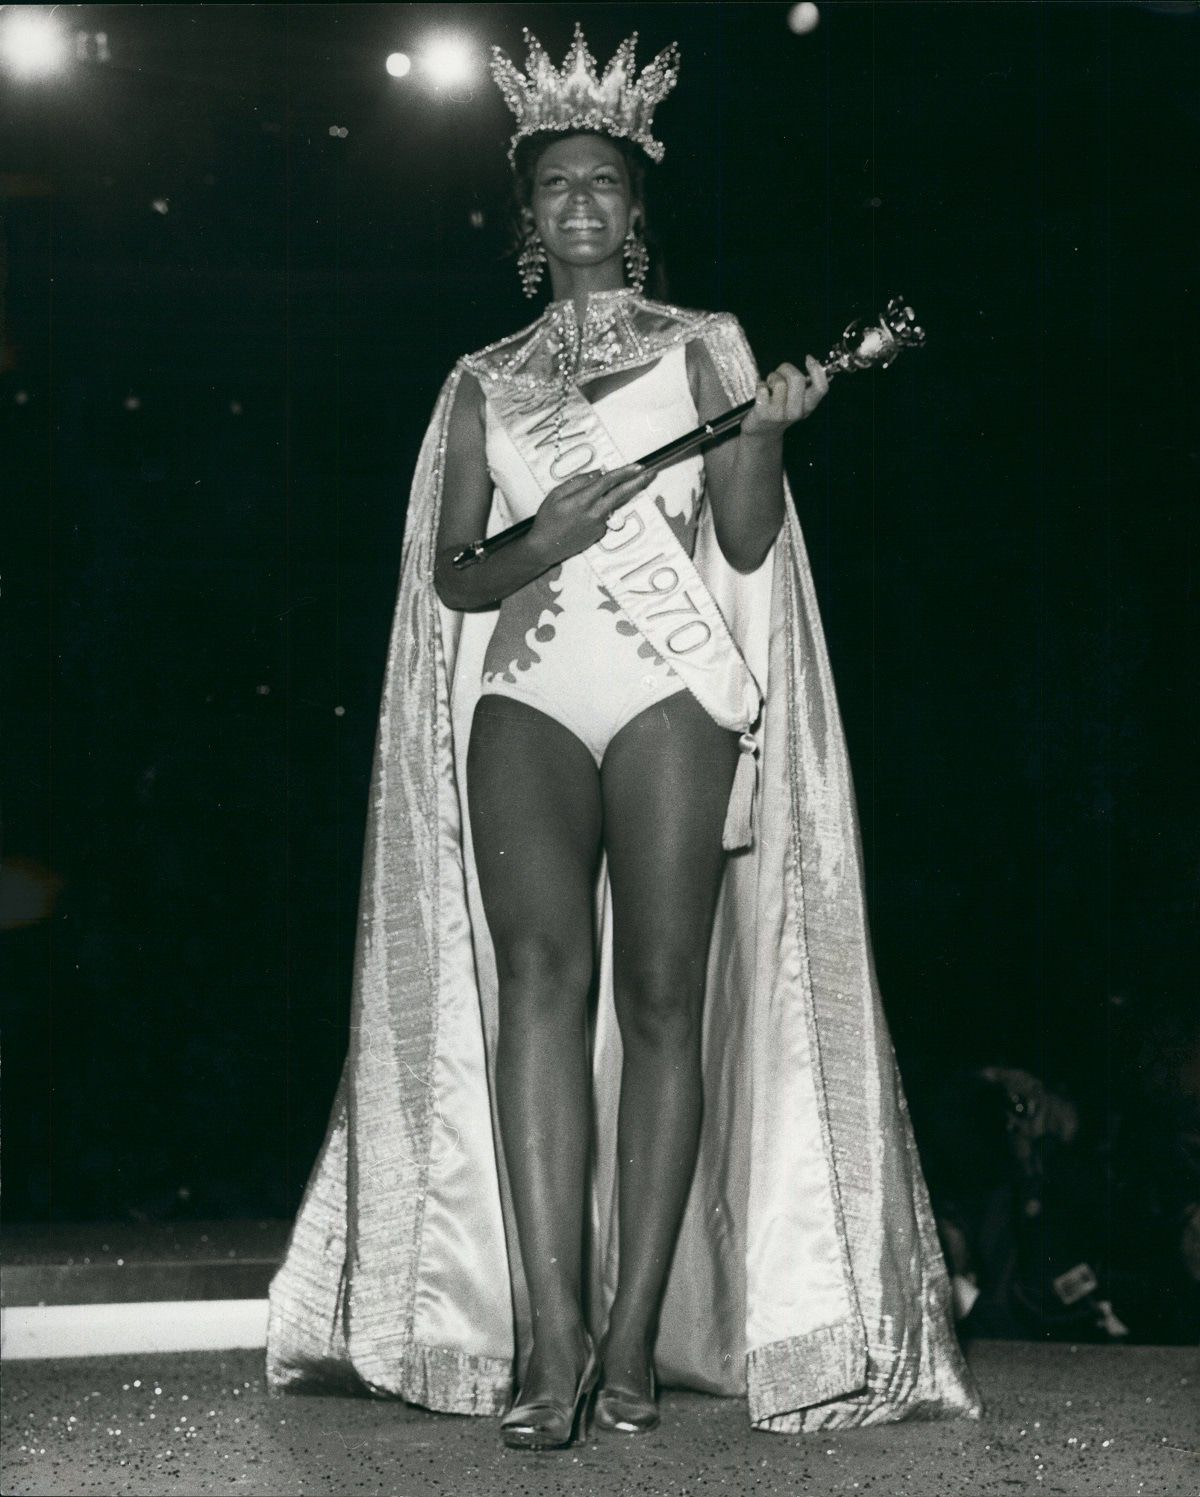 Gugu Mbatha-Raw spielt die erste schwarze Miss World